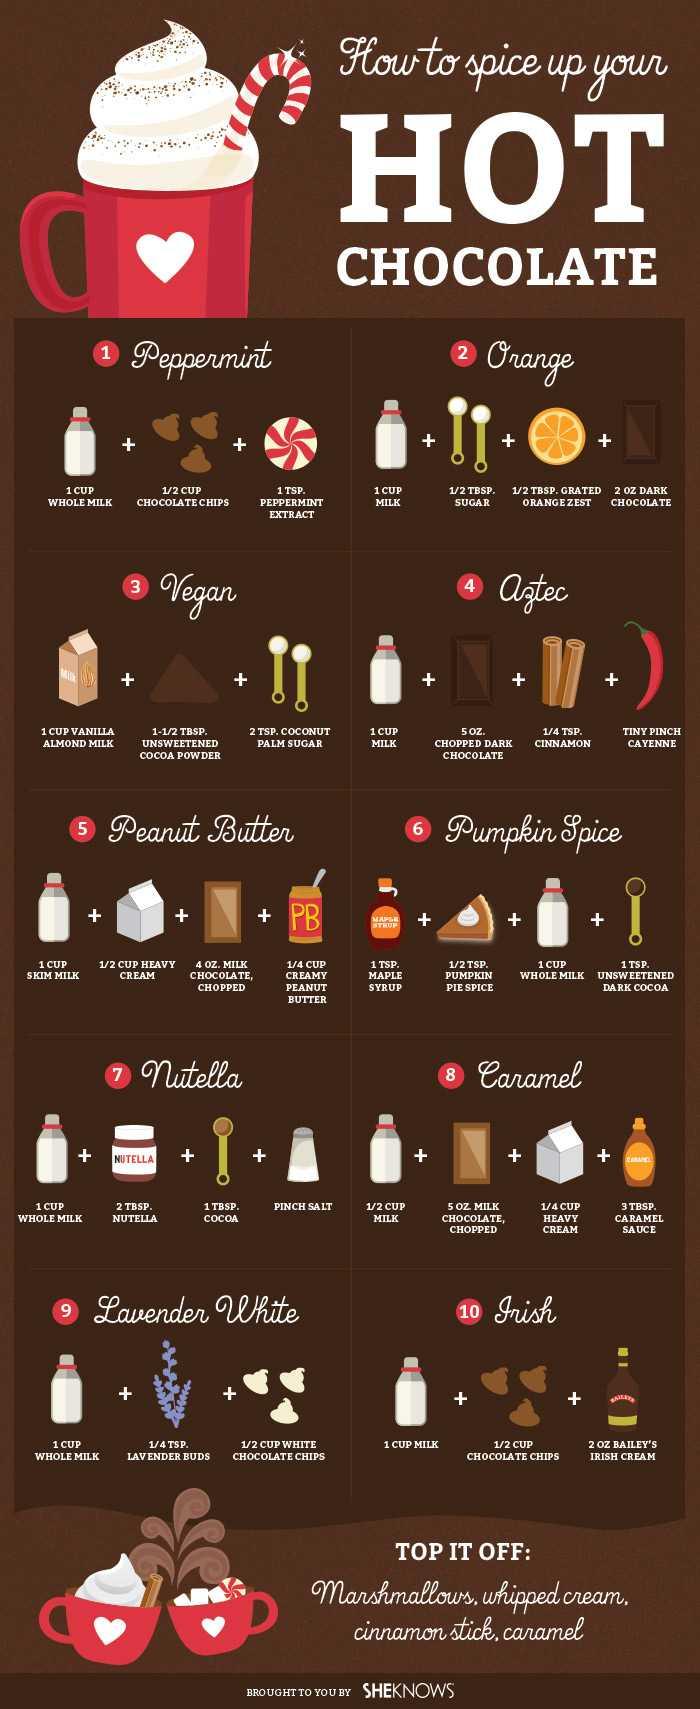 hot-chocolatte-infographic-chart-recipe-1